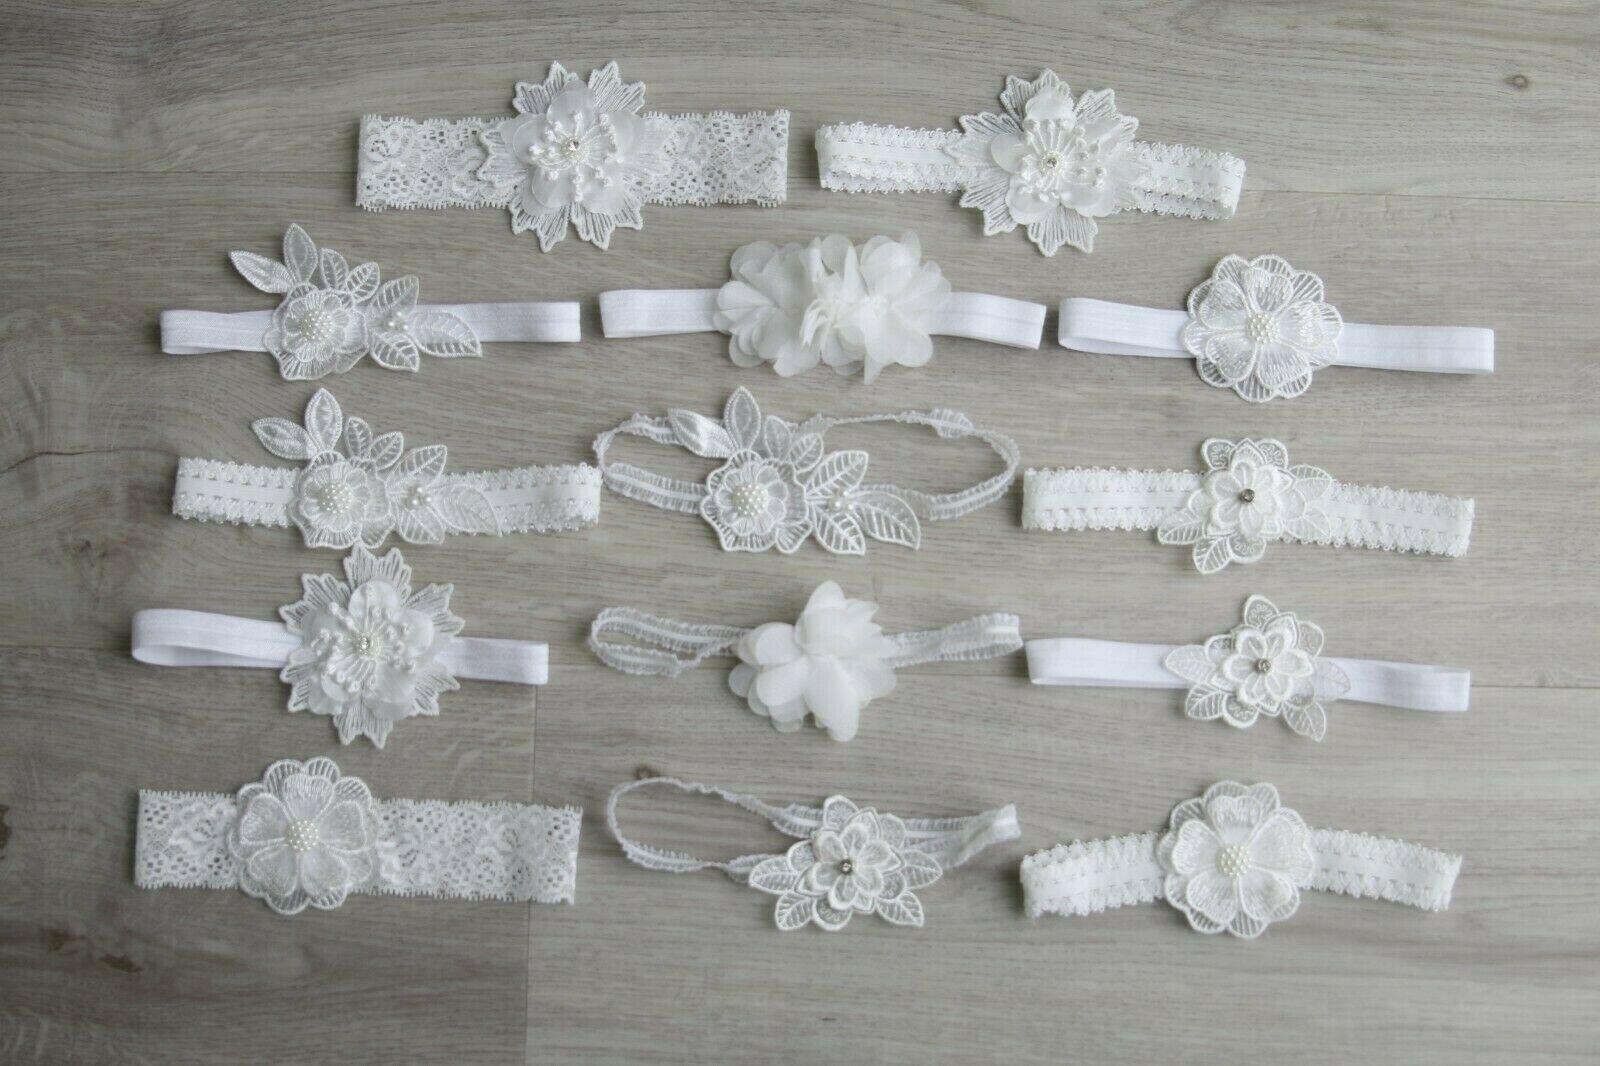 Baby Mädchen Stirnband Lace Blume Spitzen Hochzeit Taufe Haarband Kopfband Hand